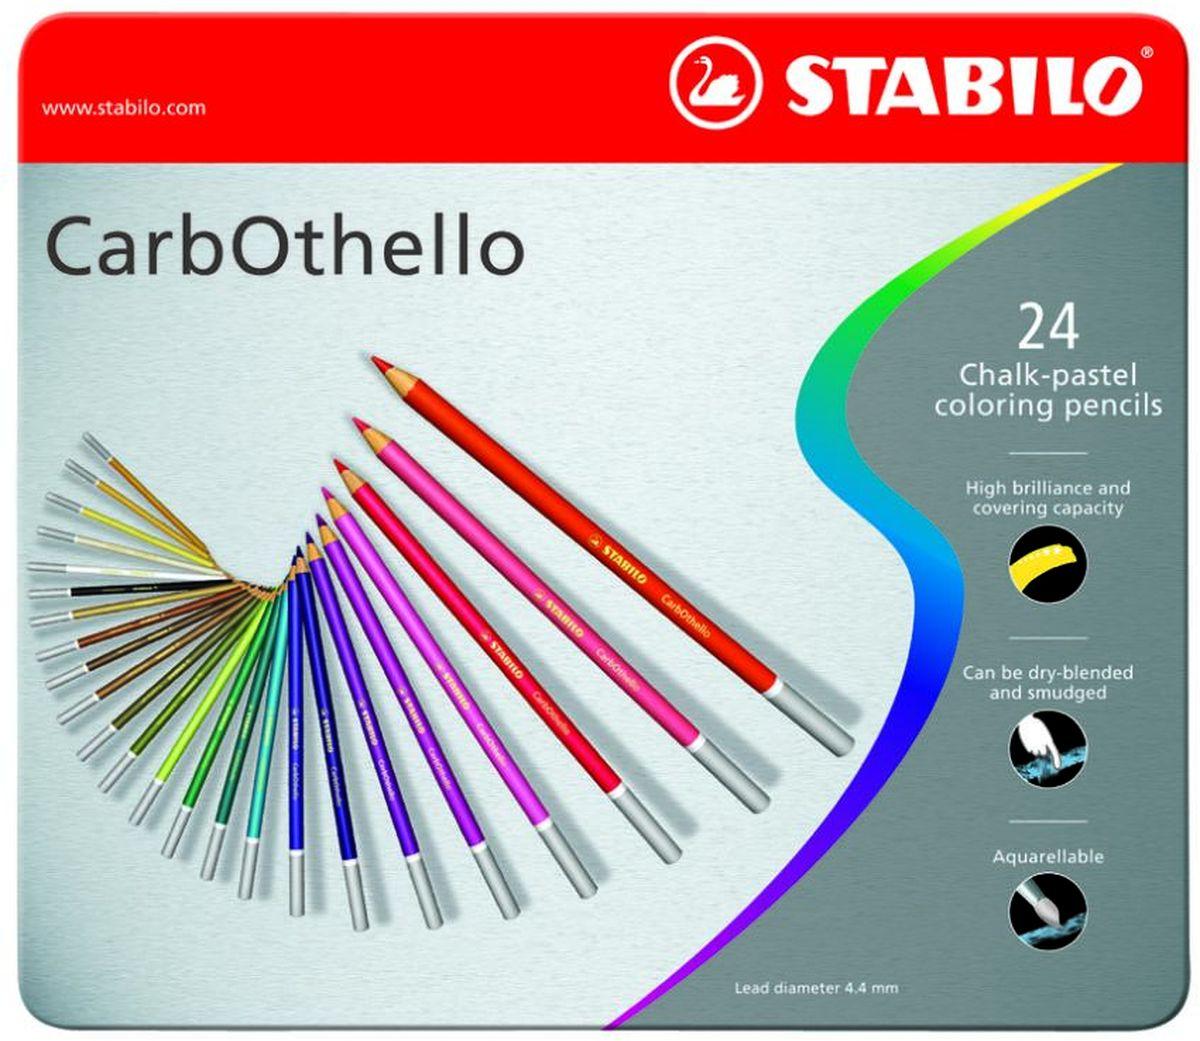 Stabilo Пастель CarbOthello 24 цветаFS-36054Цветная пастель в виде деревянного карандаша. Деревянная оболочка карандаша защищает хрупкую сердцевину - пастельный мелок, способный передать бесподобную свежесть и выразительность красок. Мягкий грифель позволяет рисовать даже на очень тонкой бумаге. Можно использовать как акварельные карандаши. Цветная пастель идеально подходит для смешивания цветов. Исключительная насыщенность цвета позволяет добиться великолепных результатов даже на темном фоне. Набор в металлической коробке.